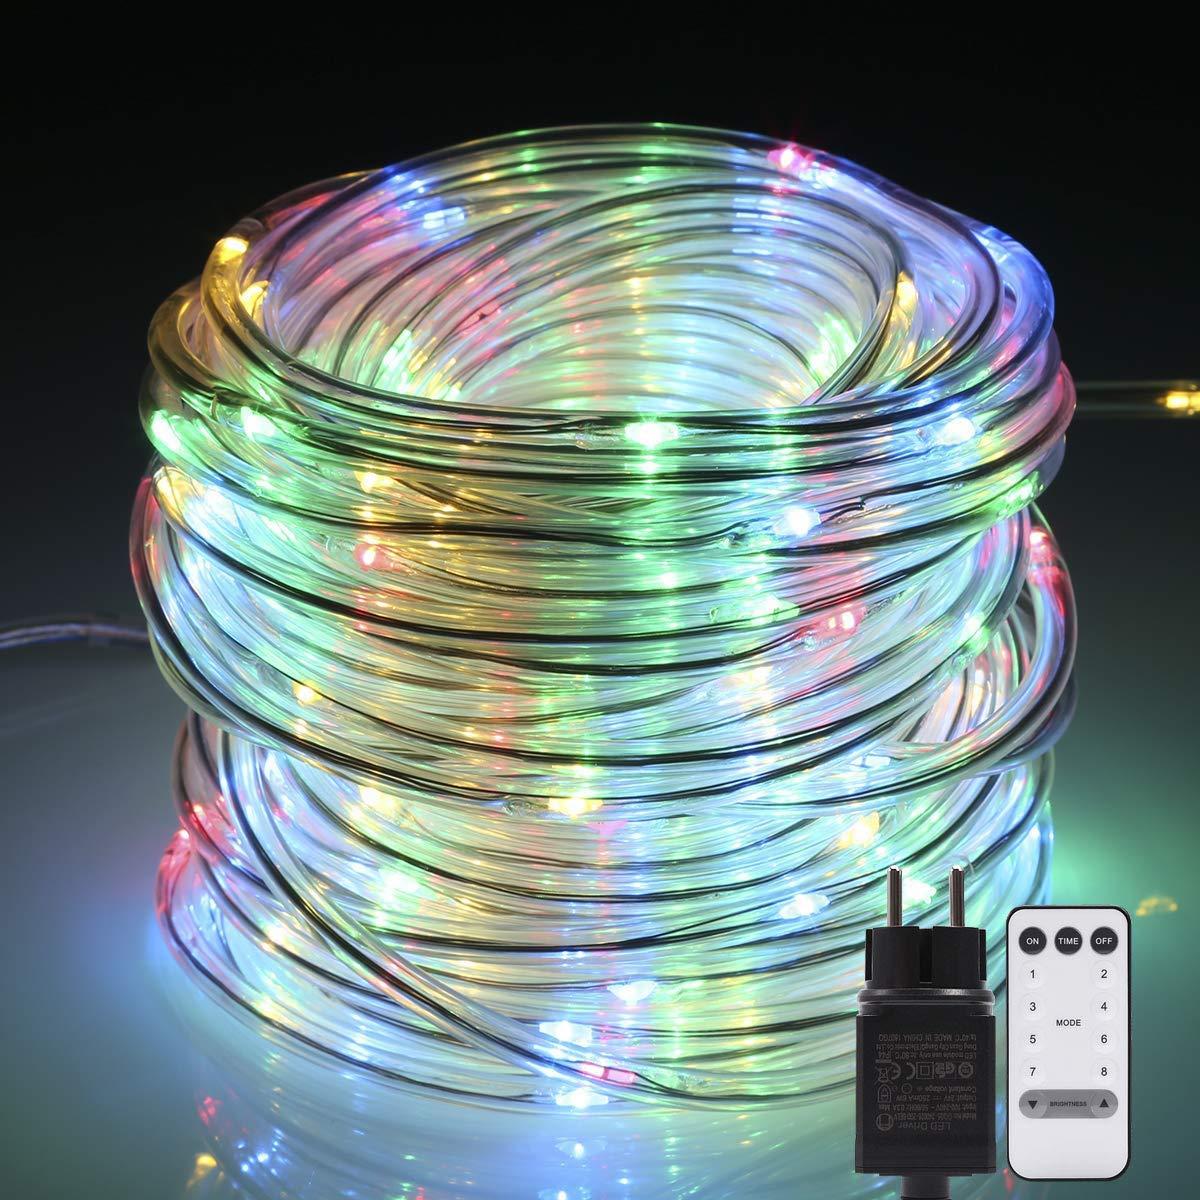 Tubo luminoso! B-right 14M 120 LED Tubo led luminoso con telecomando, tubo a batteria Bianco caldo, B-right 8 modalità d'illuminazione, Tubo led all'aperto IP67 con funzione di memoria per feste Natale,Pasqua, Matrimonio ecc.